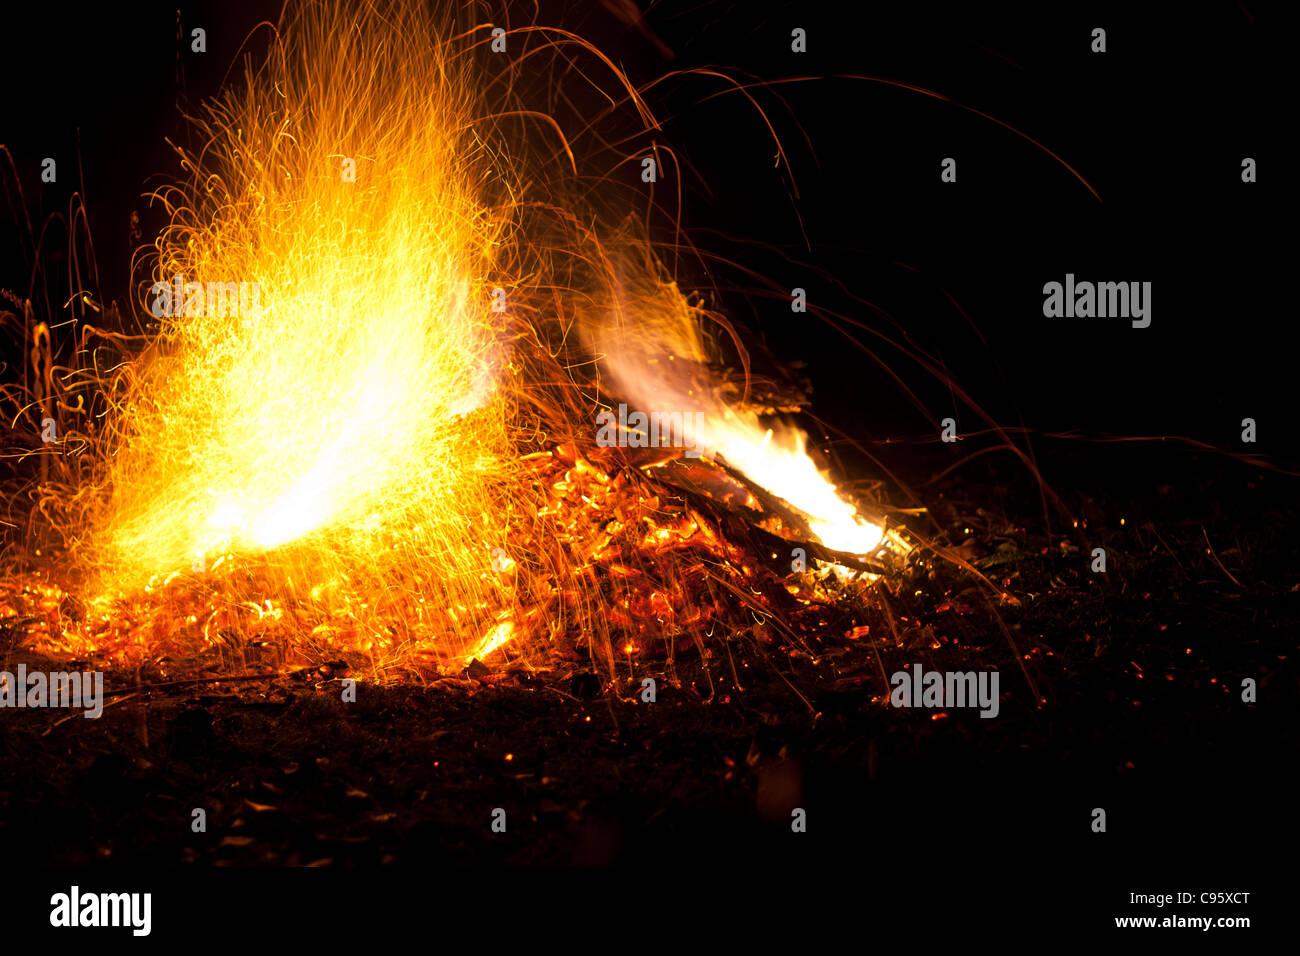 Fuego con llamas y chispas. Naranja, amarillo intenso resplandor de la fogata contra un fondo negro de la noche. Imagen De Stock